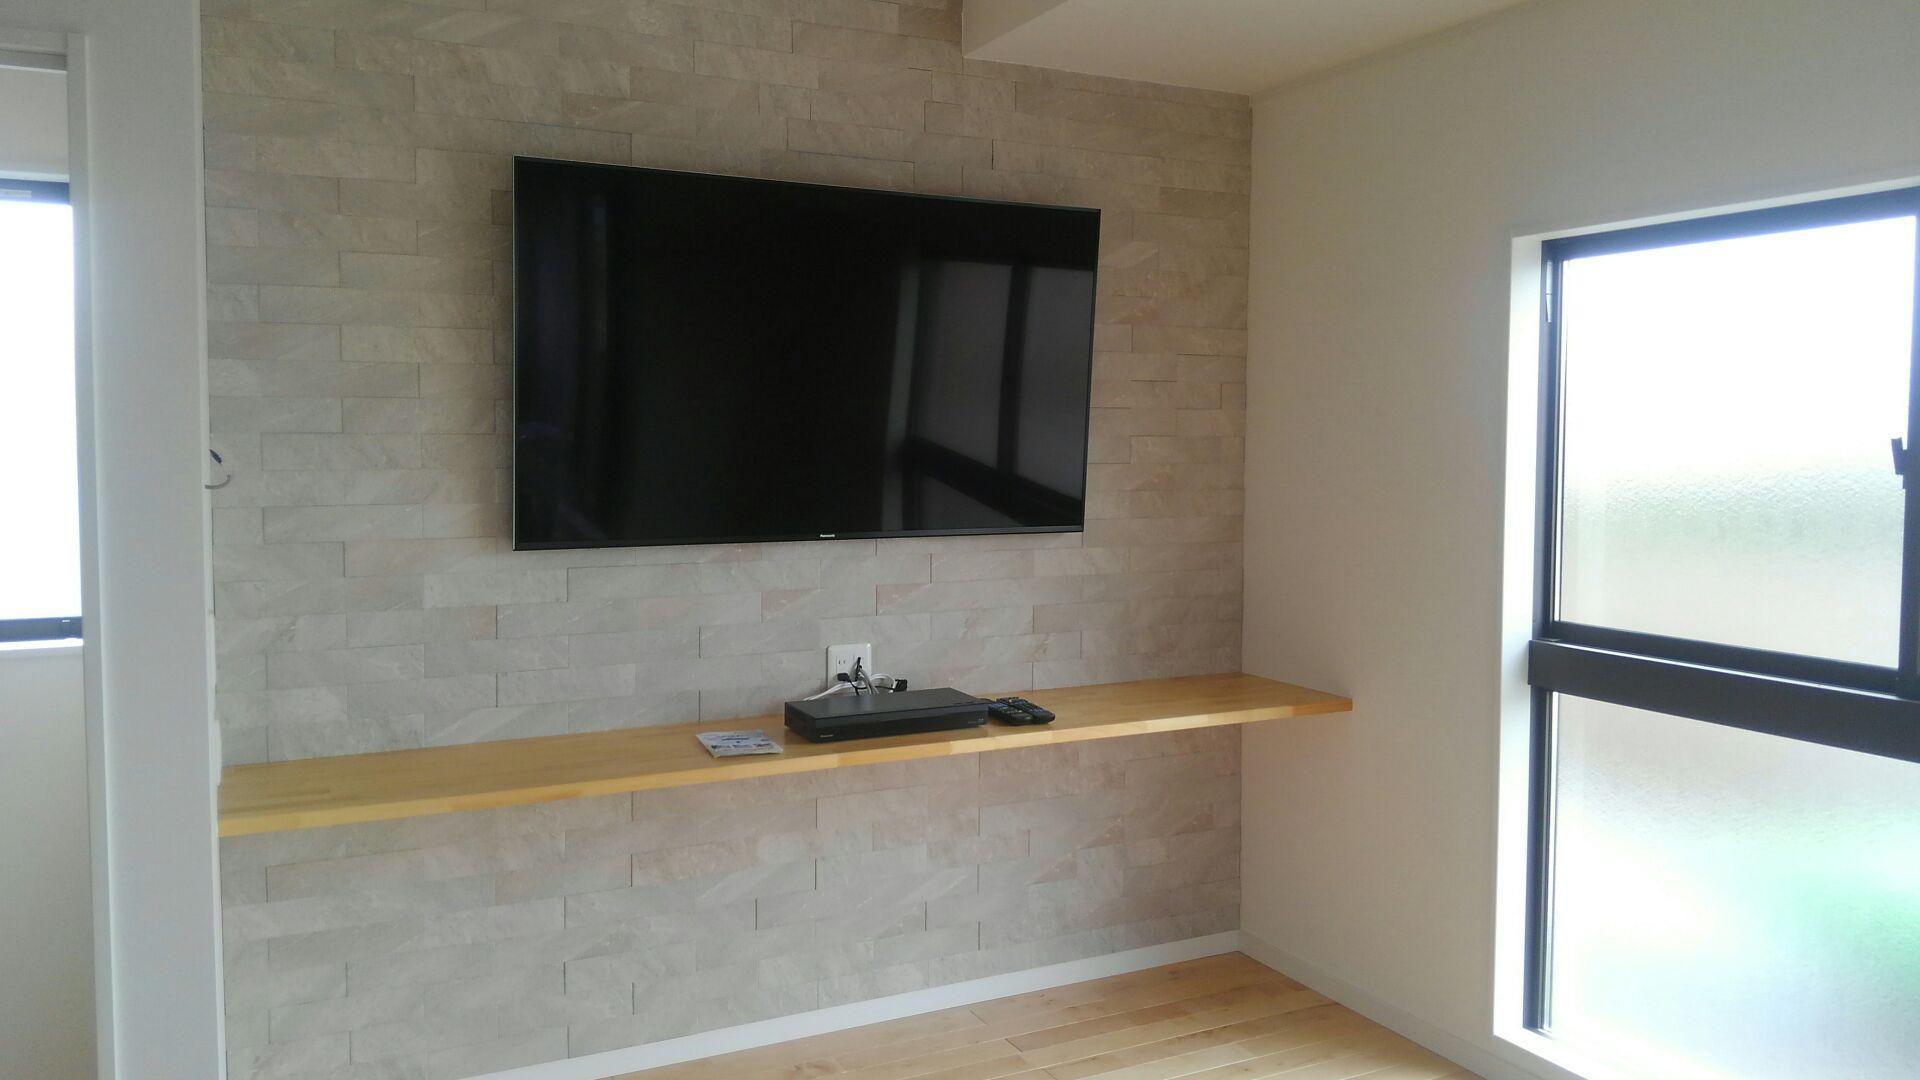 壁掛けTVの壁には、エコカラットをはりました。これってお客様がはったんですよ!キレイな仕上がりでビックリです!